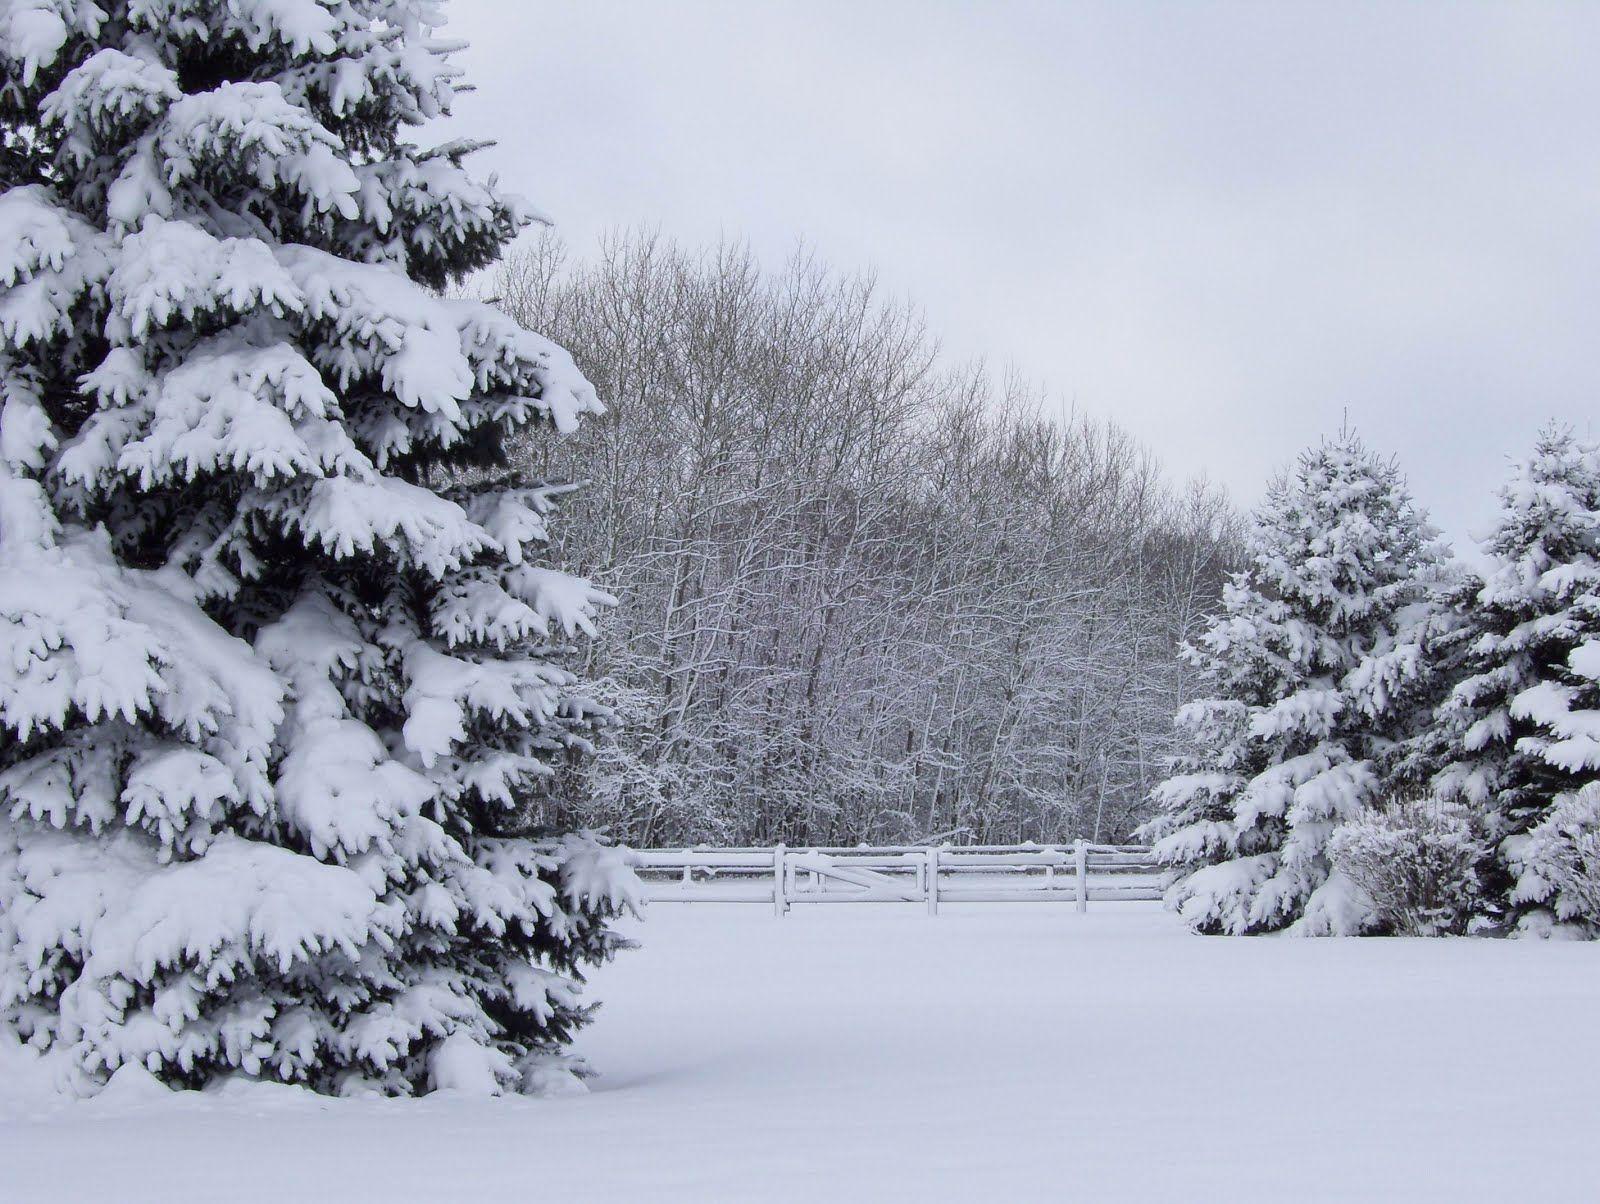 winter_wonderland_dec_29_2007-551.jpg (1600×1204)